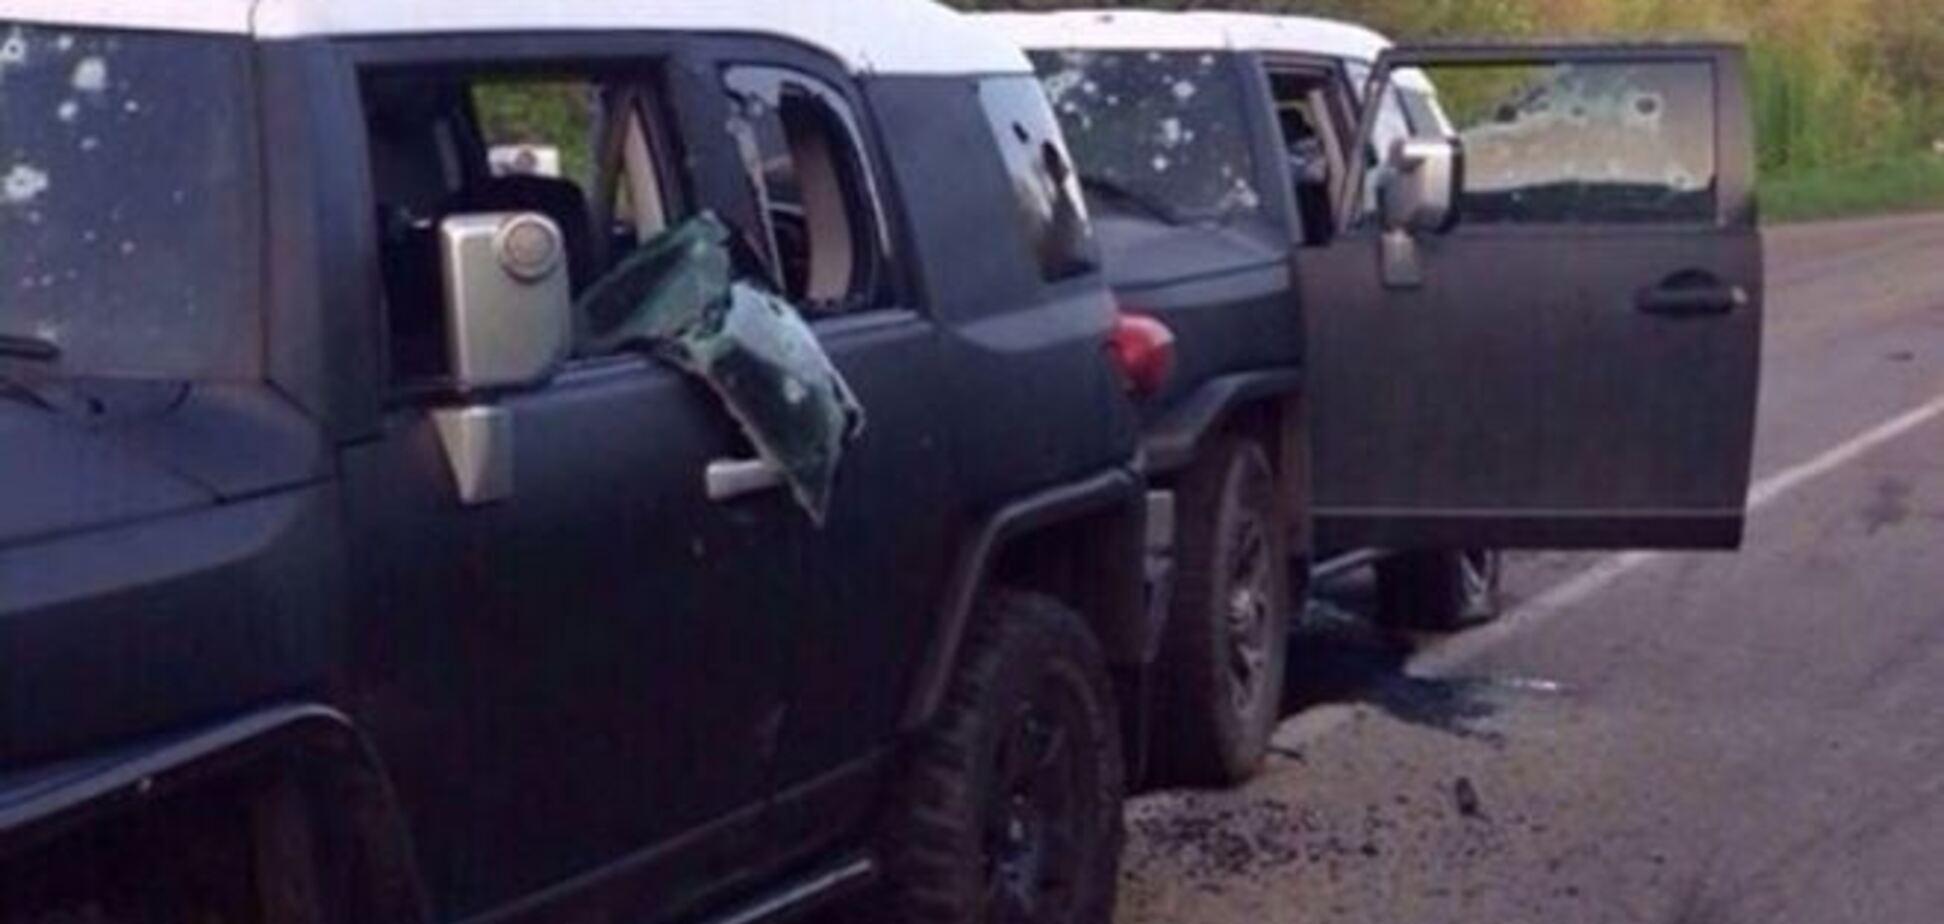 Девочка, чью семью расстреляли террористы на Луганщине, получила ранение головы - журналист